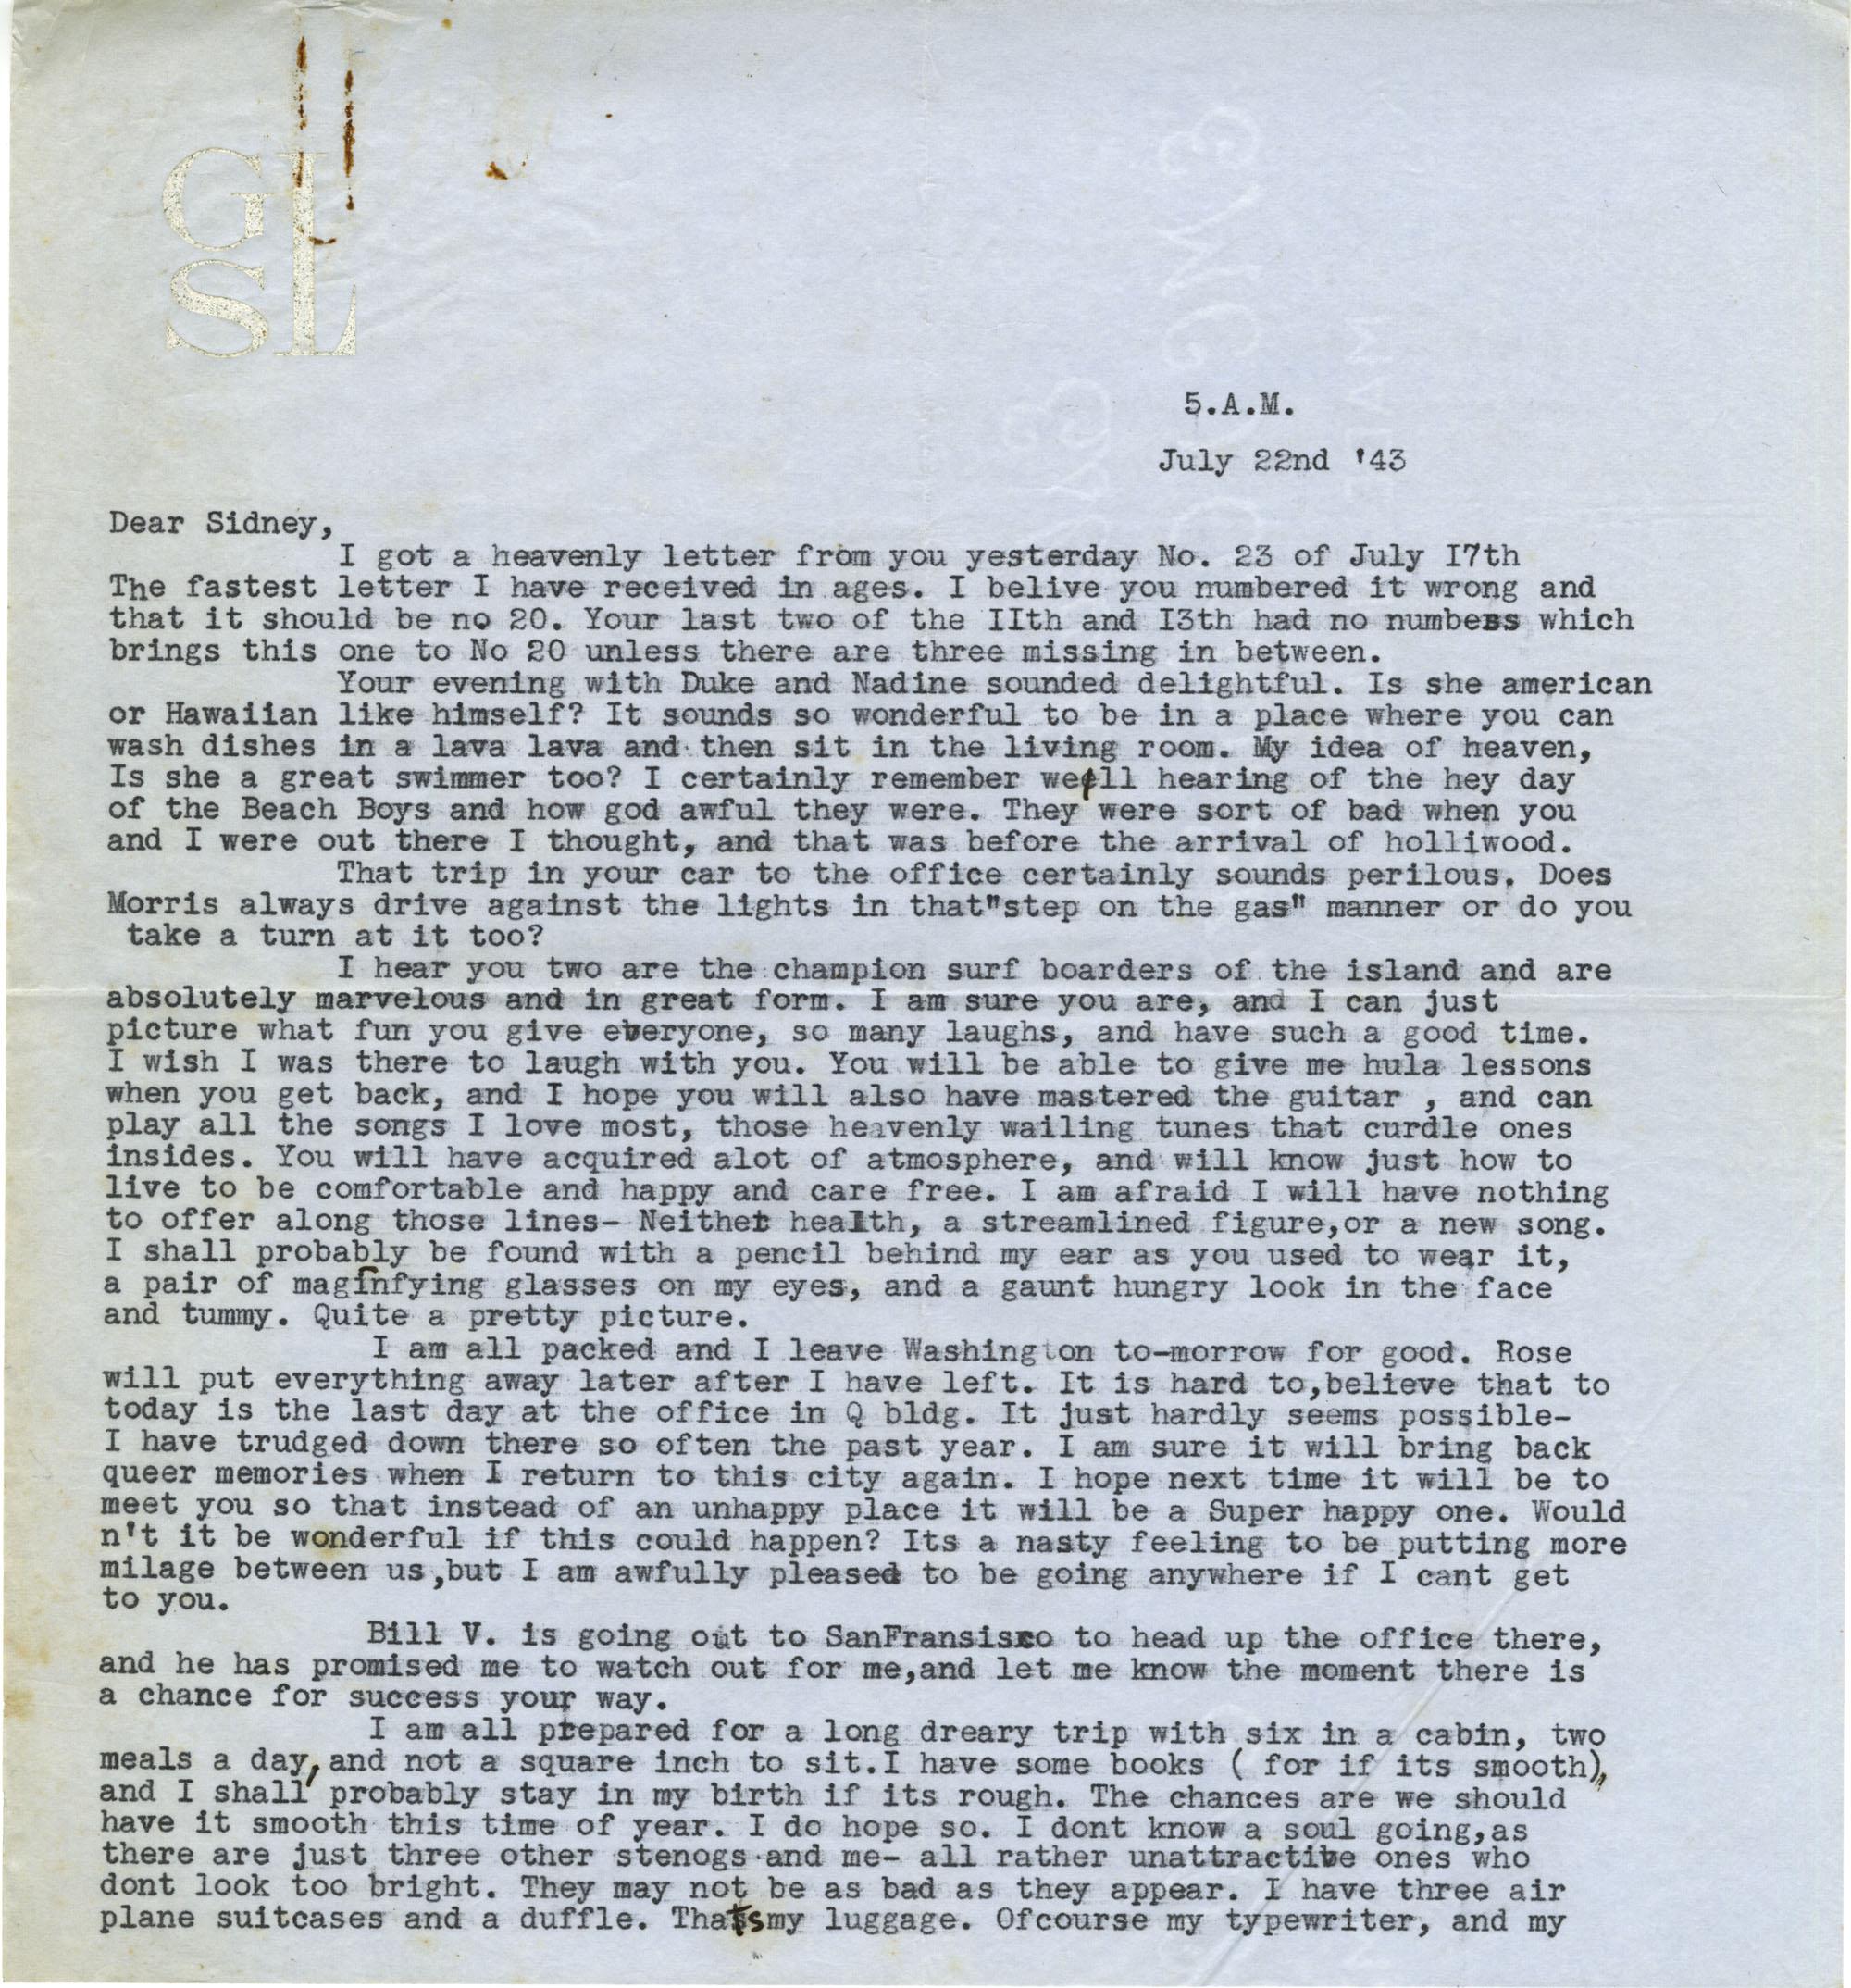 Letter from Gertrude Sanford Legendre, July 22, 1943